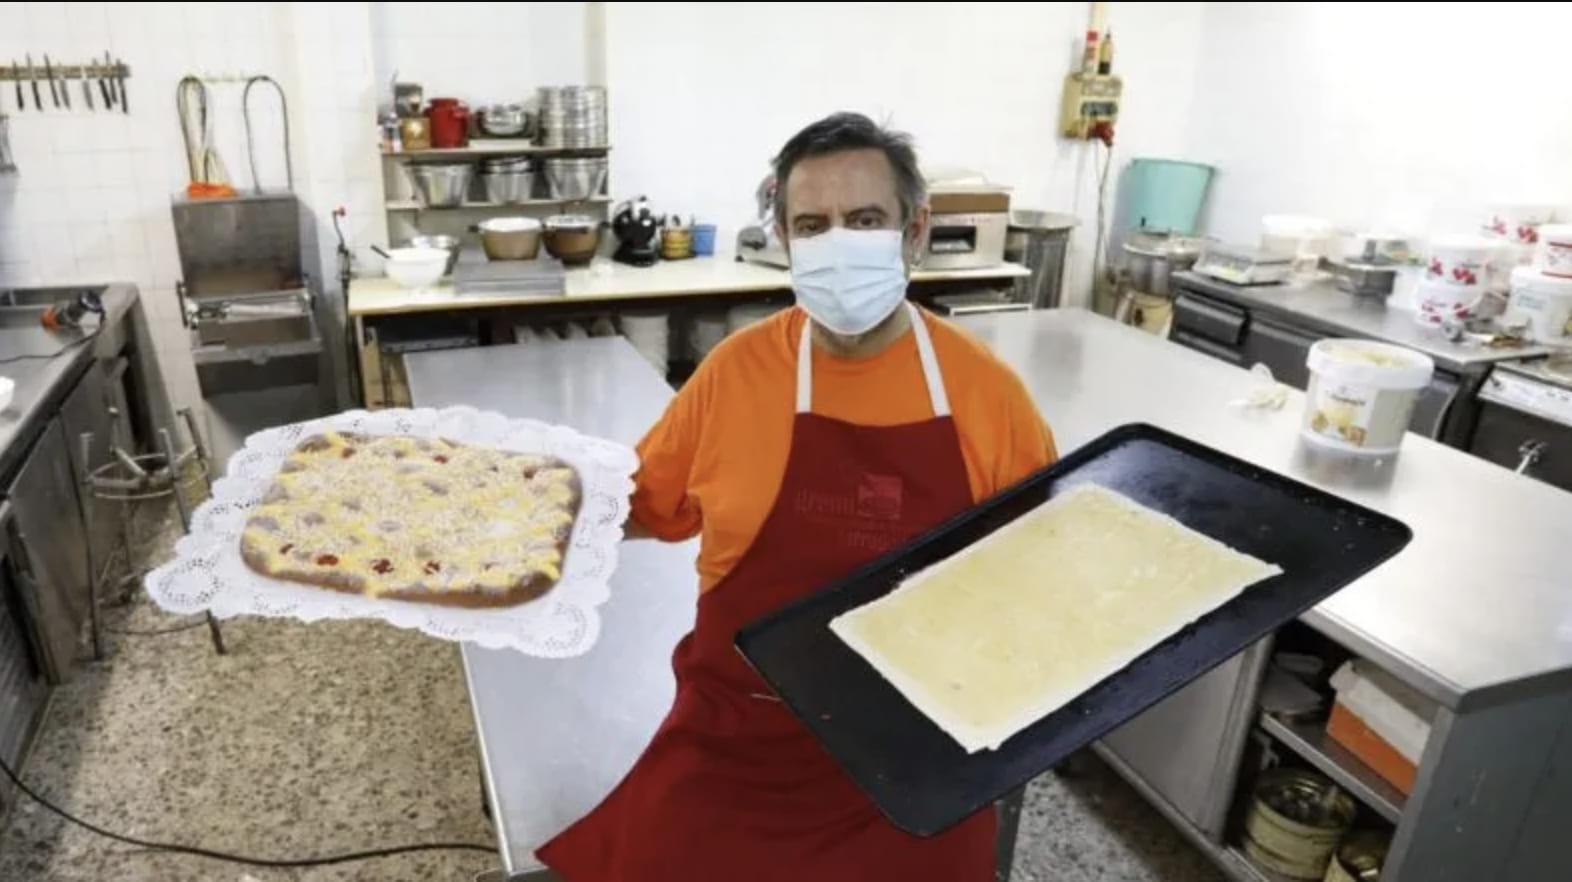 """Entrevista """"De fruita o de crema, ja se sent la dolça aroma de les coques a Valls"""", a El Diari de Tarragona"""